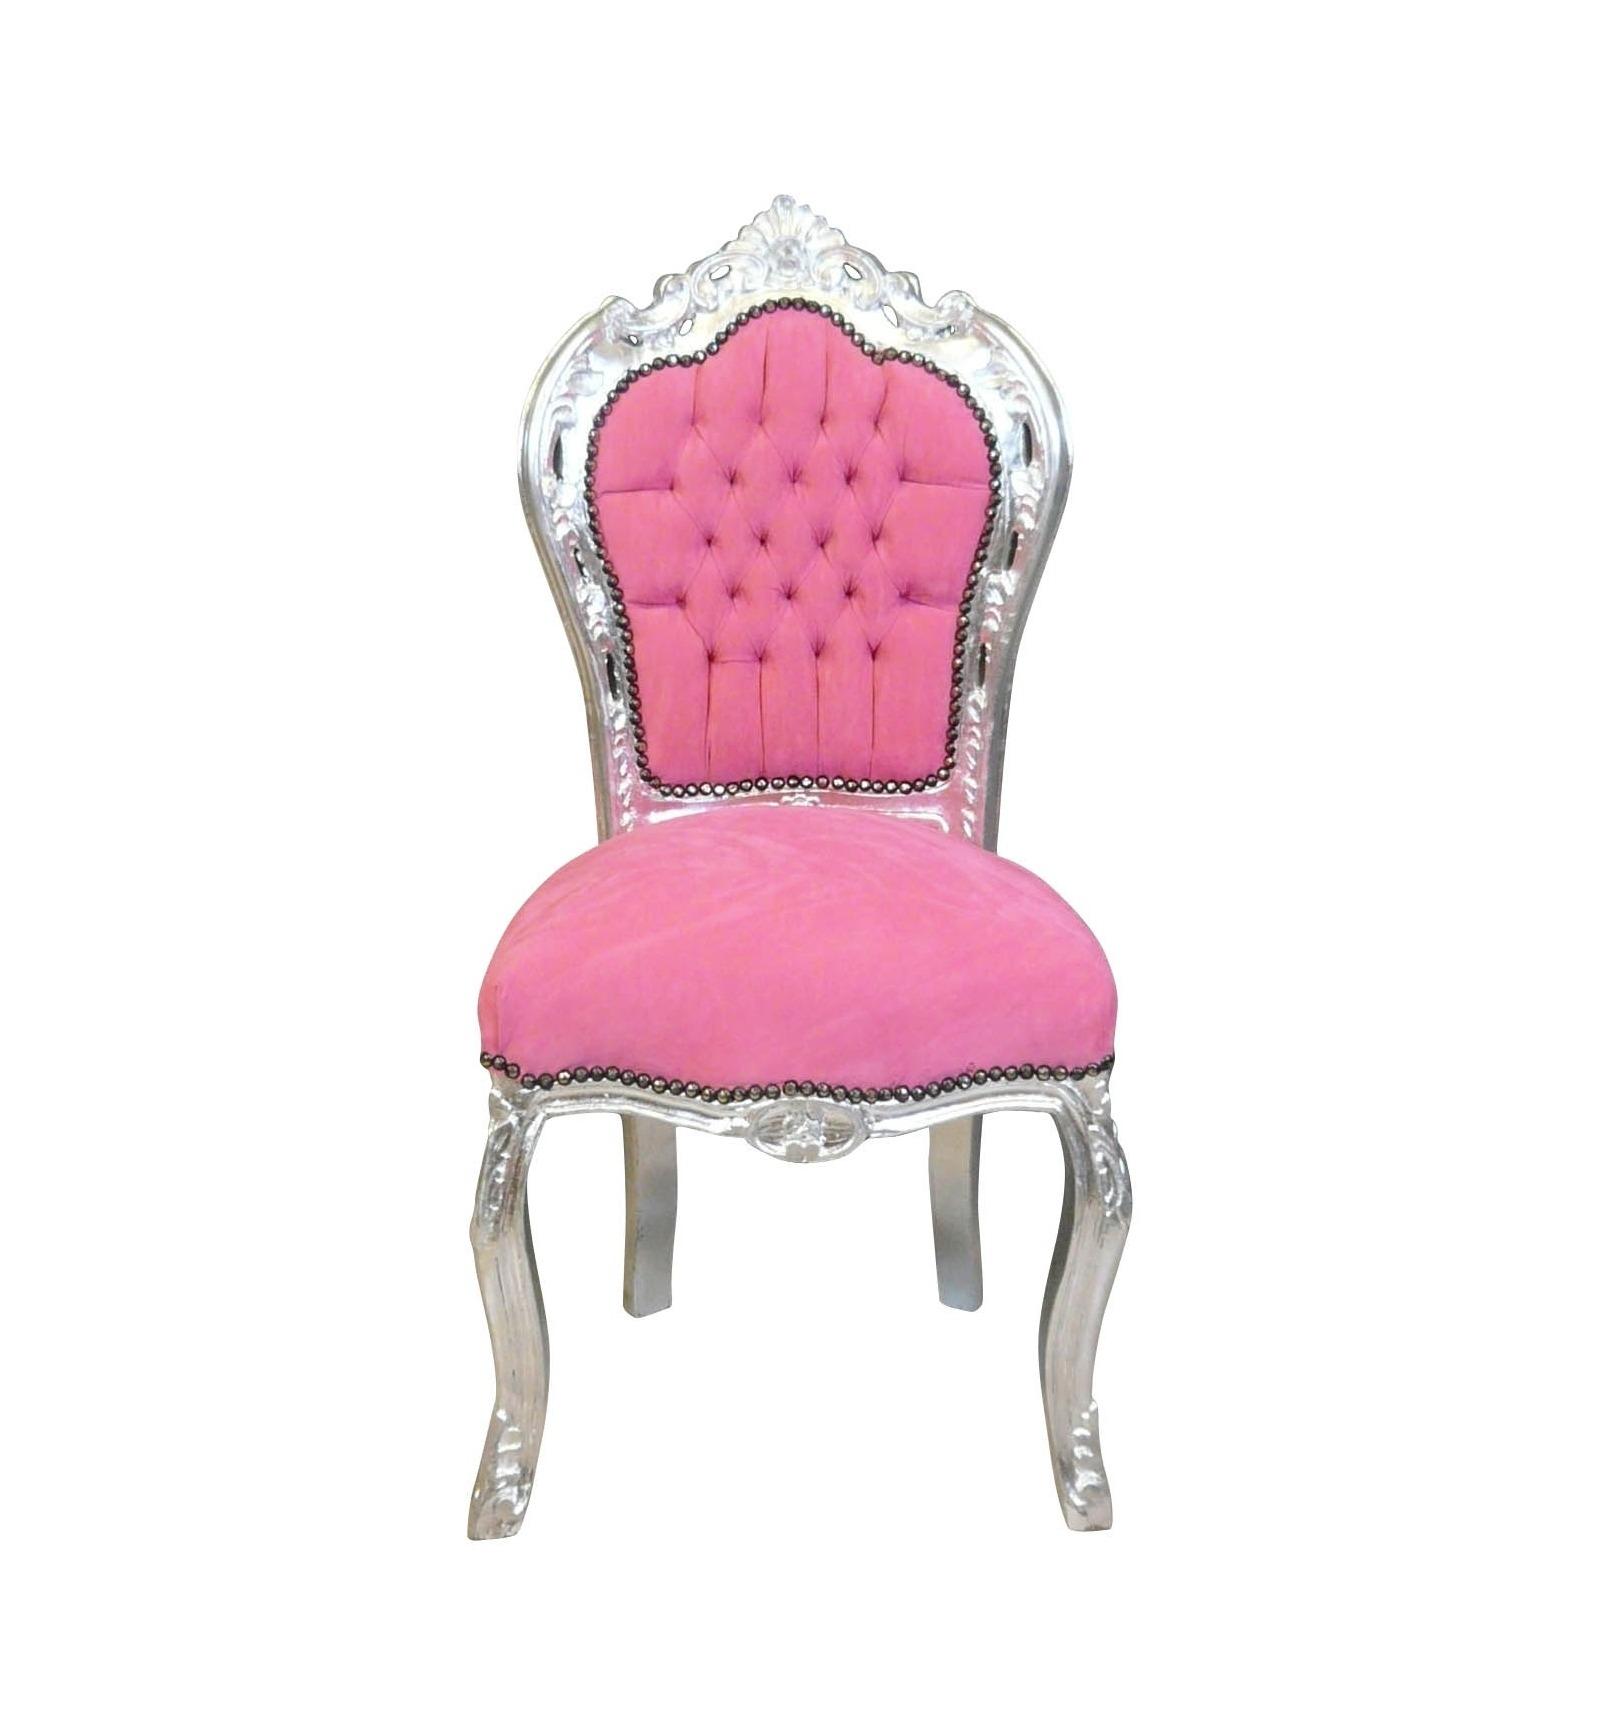 chaise baroque ikea maison du monde